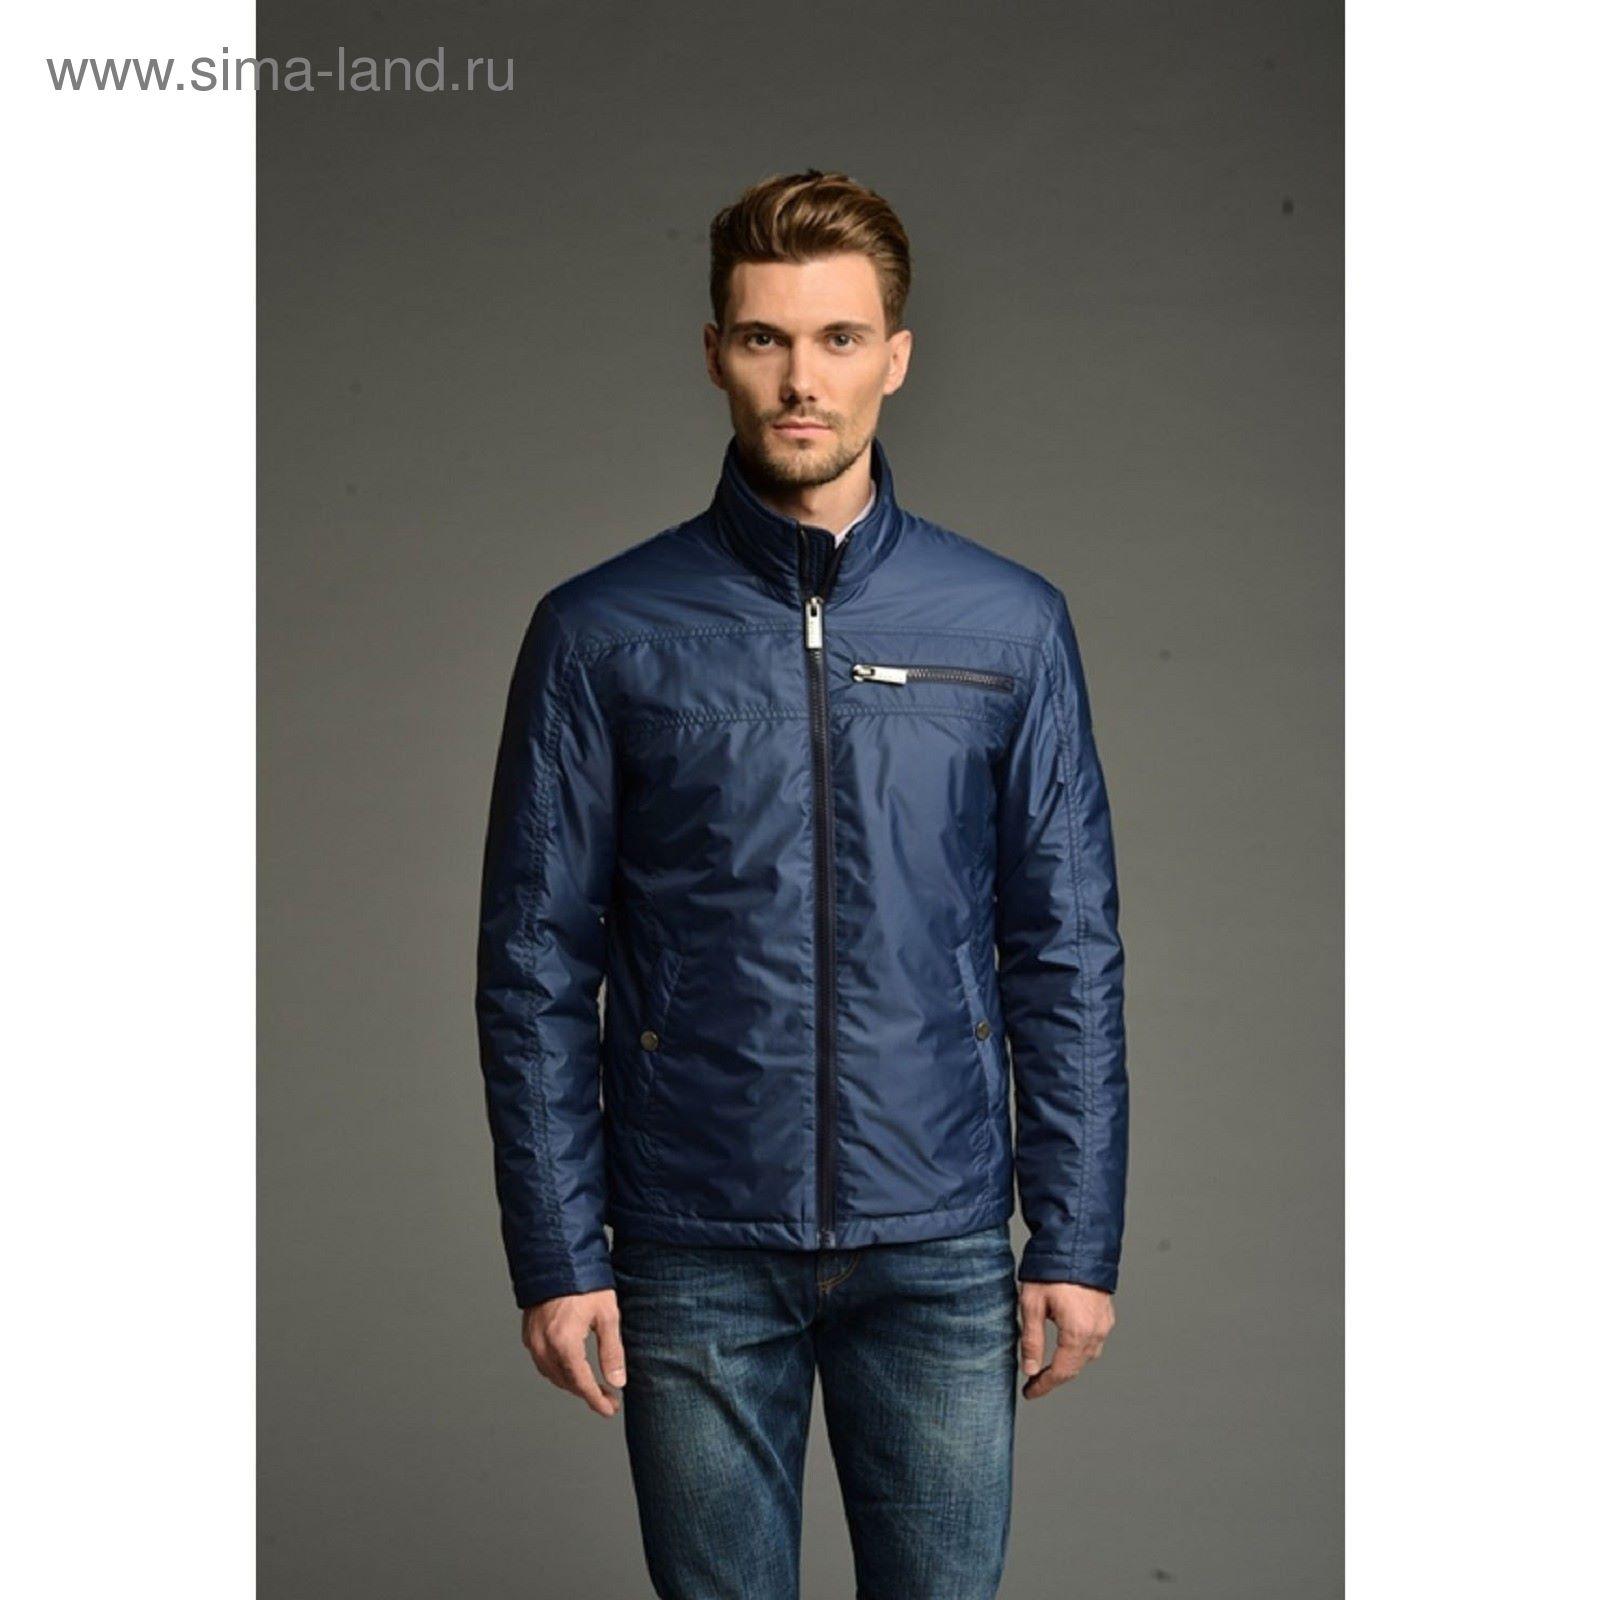 4bd8c4fd70119 Куртка мужская, размер 48 (M, рост 176 см), цвет синий 1115-01 ...